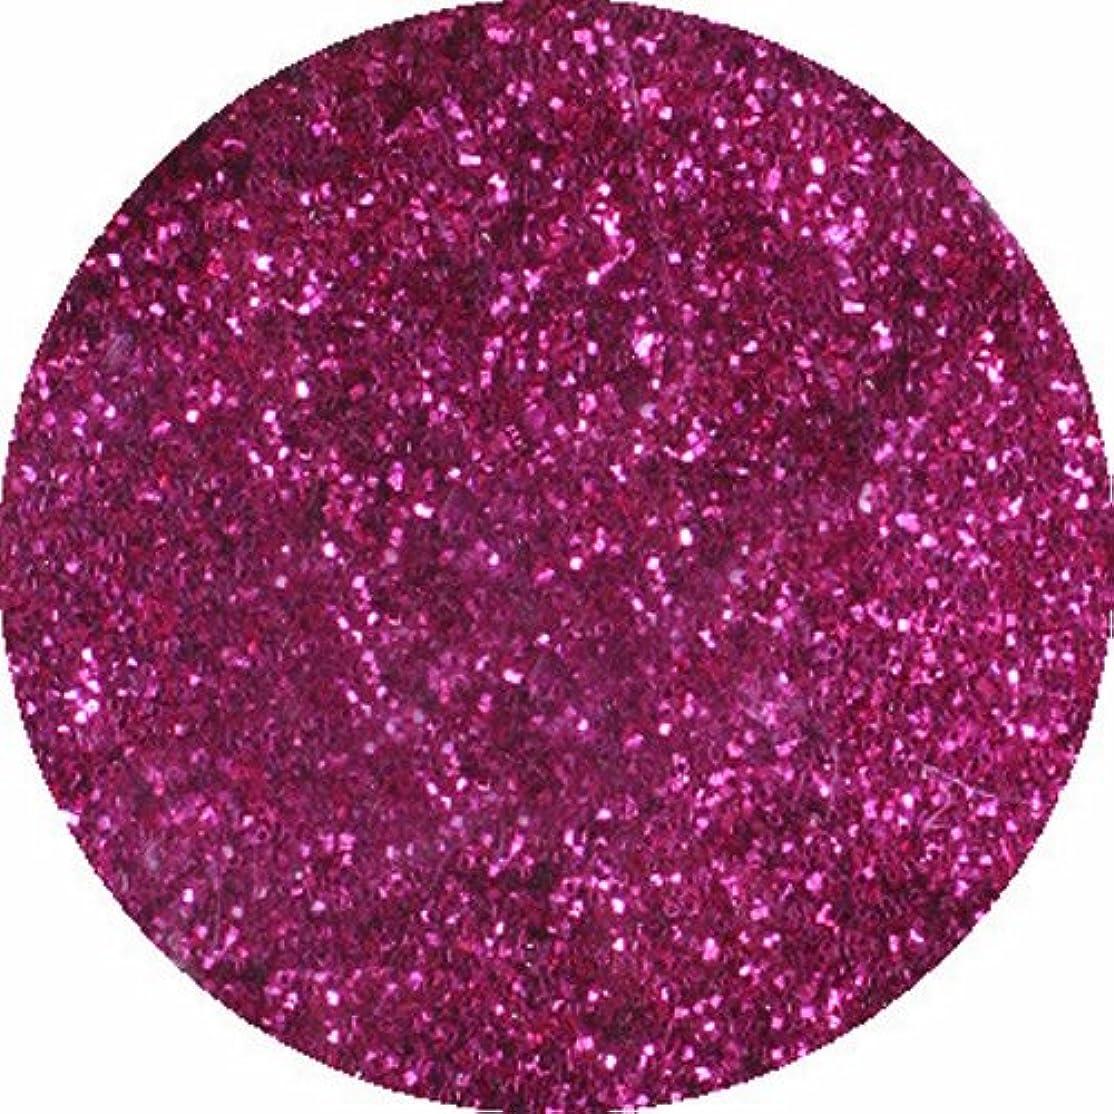 結果バイナリセッティングビューティーネイラー ネイル用パウダー 黒崎えり子 ジュエリーコレクション ピンク0.05mm